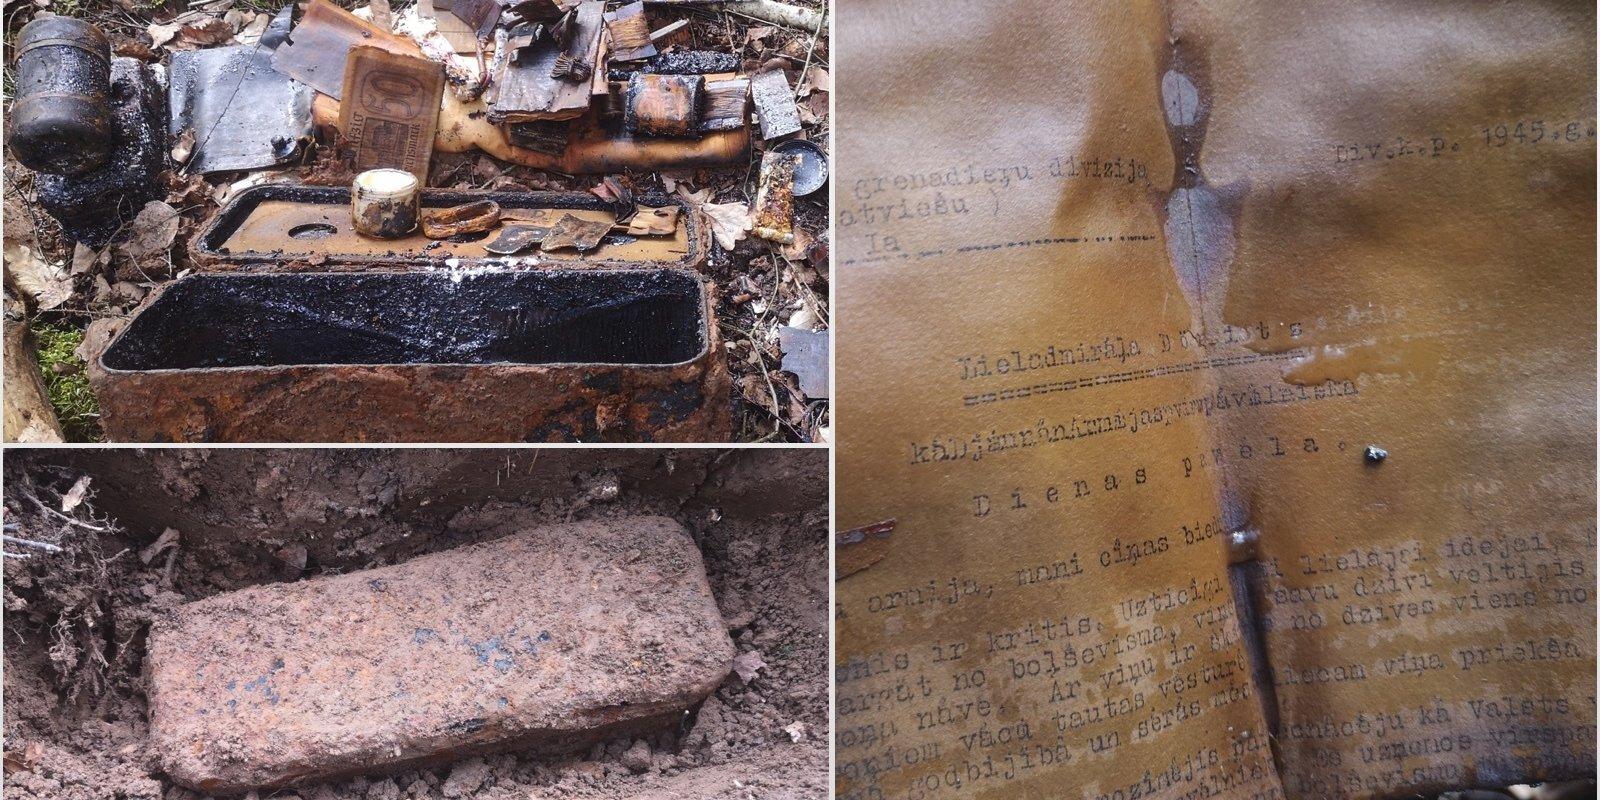 Kurzemes mežos negaidīti atrod 2. pasaules kara beigu dokumentus